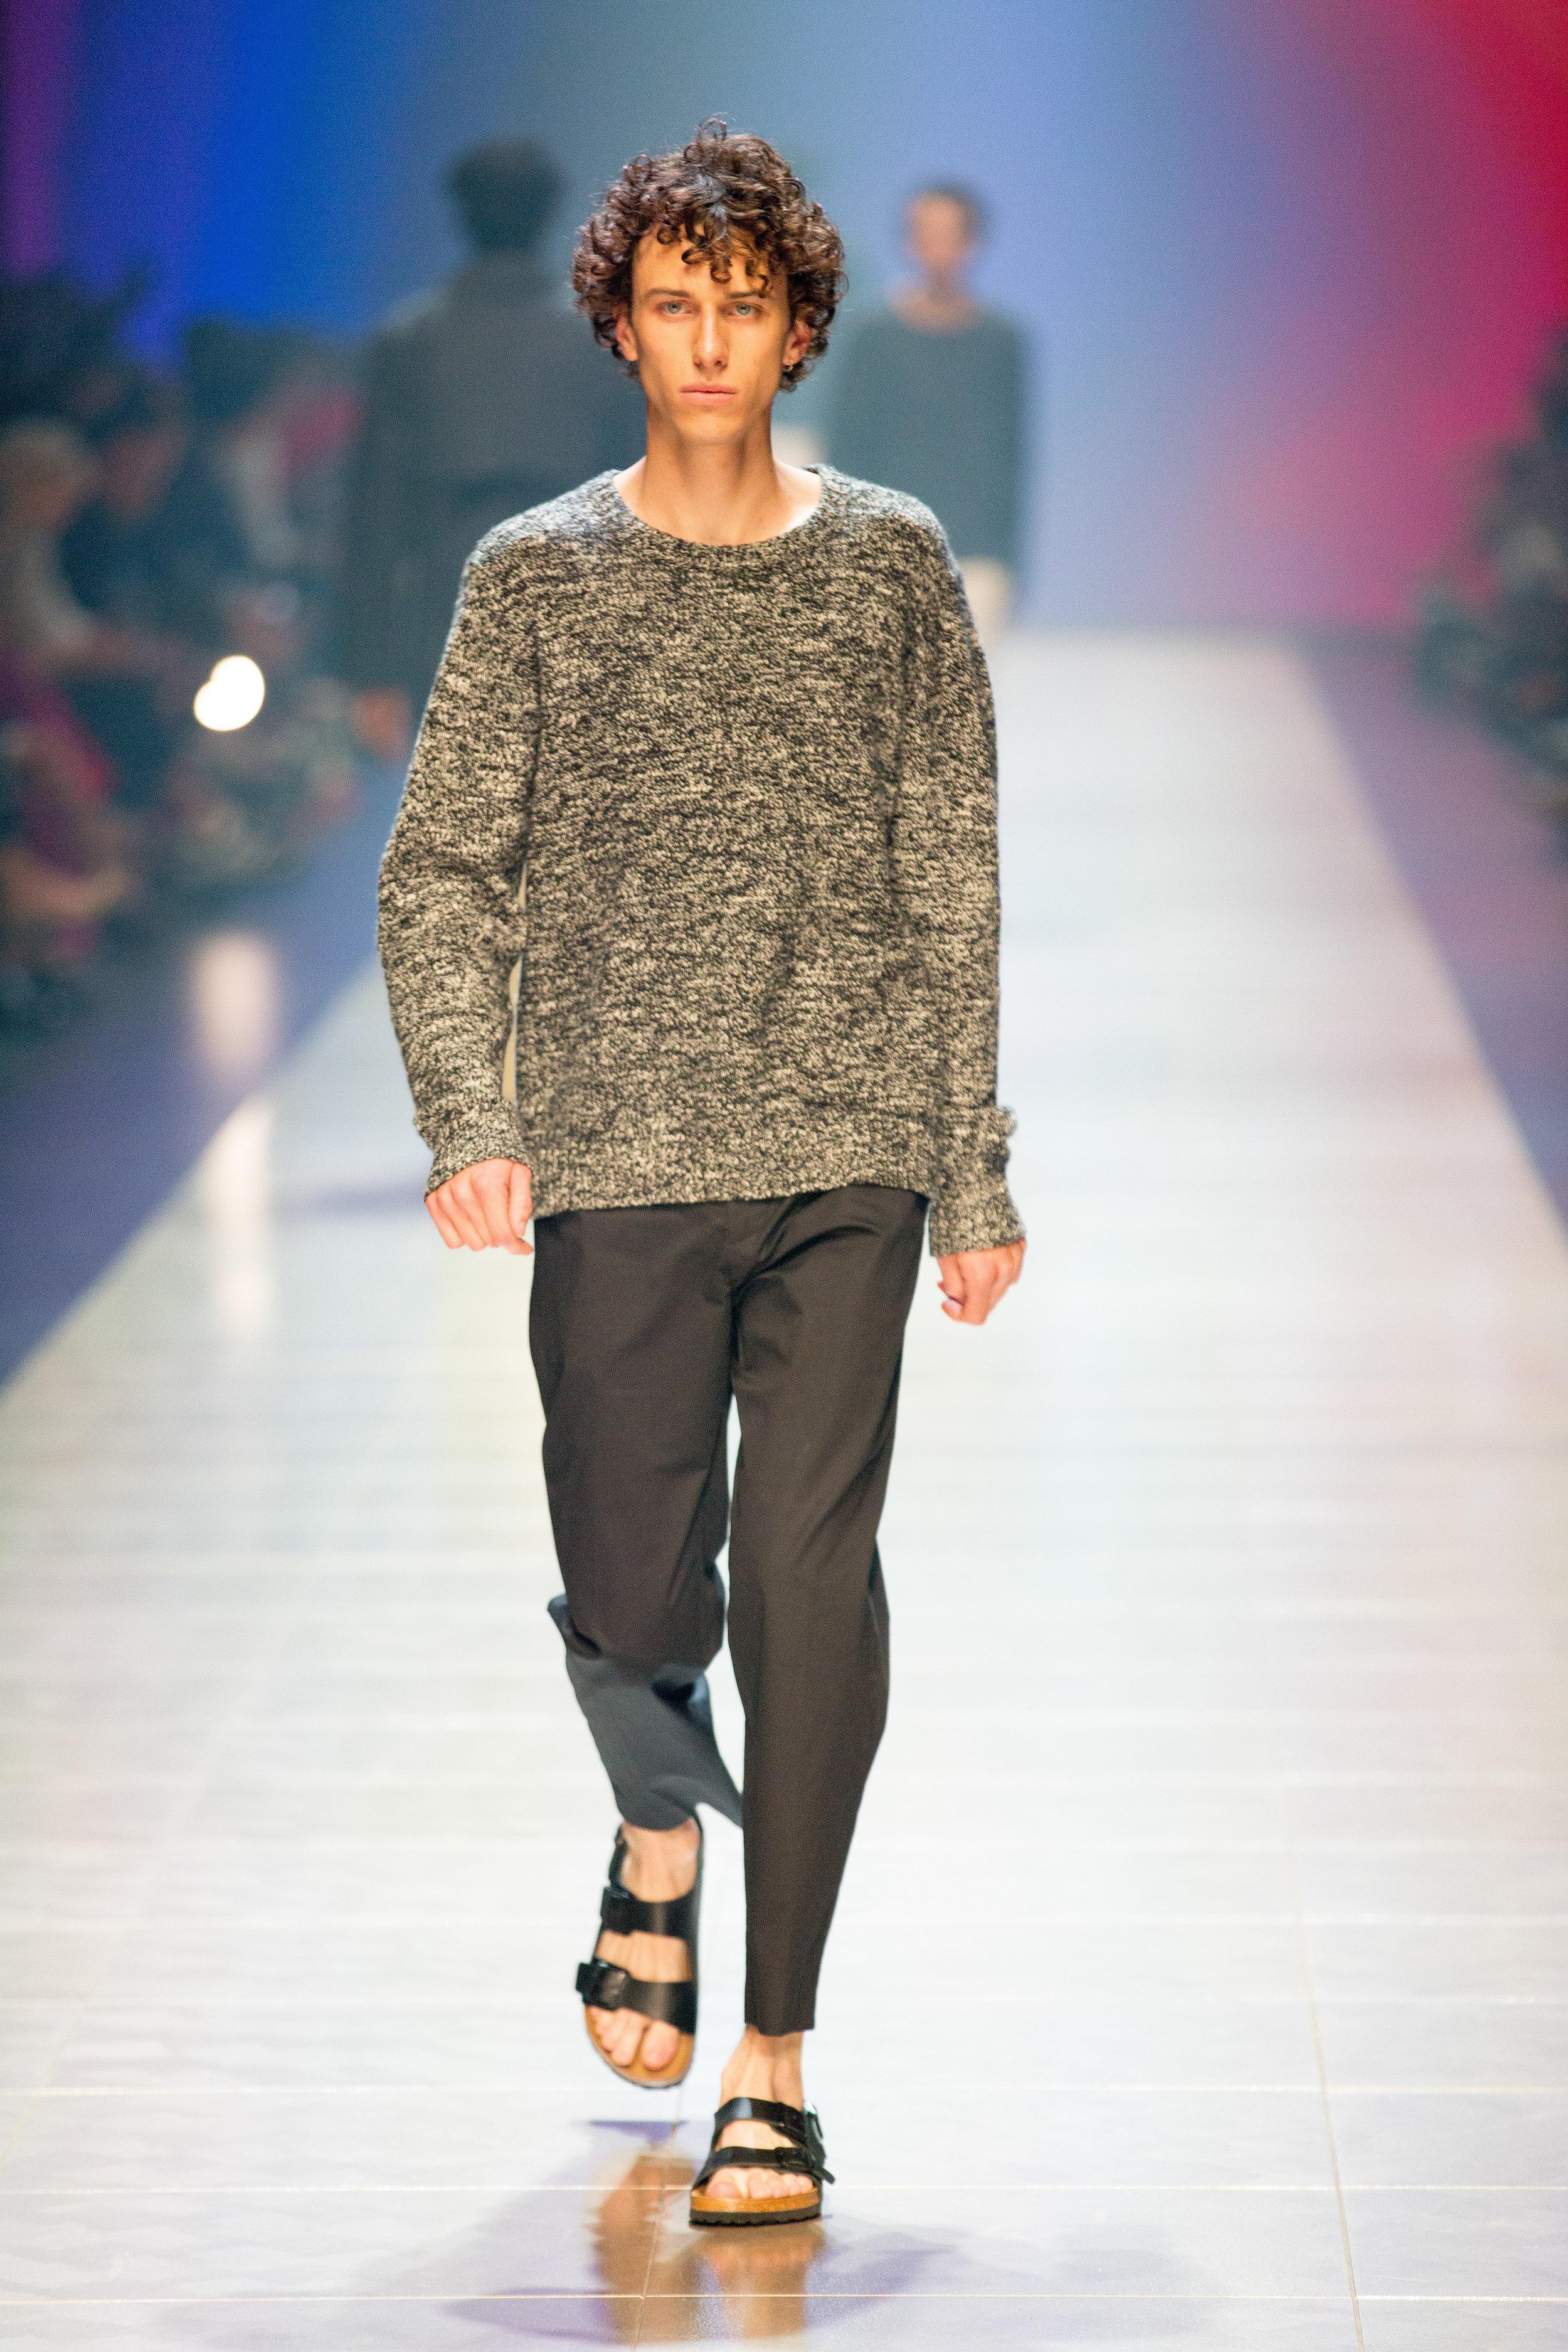 VAMFF2019_GQ Menswear-184.jpg